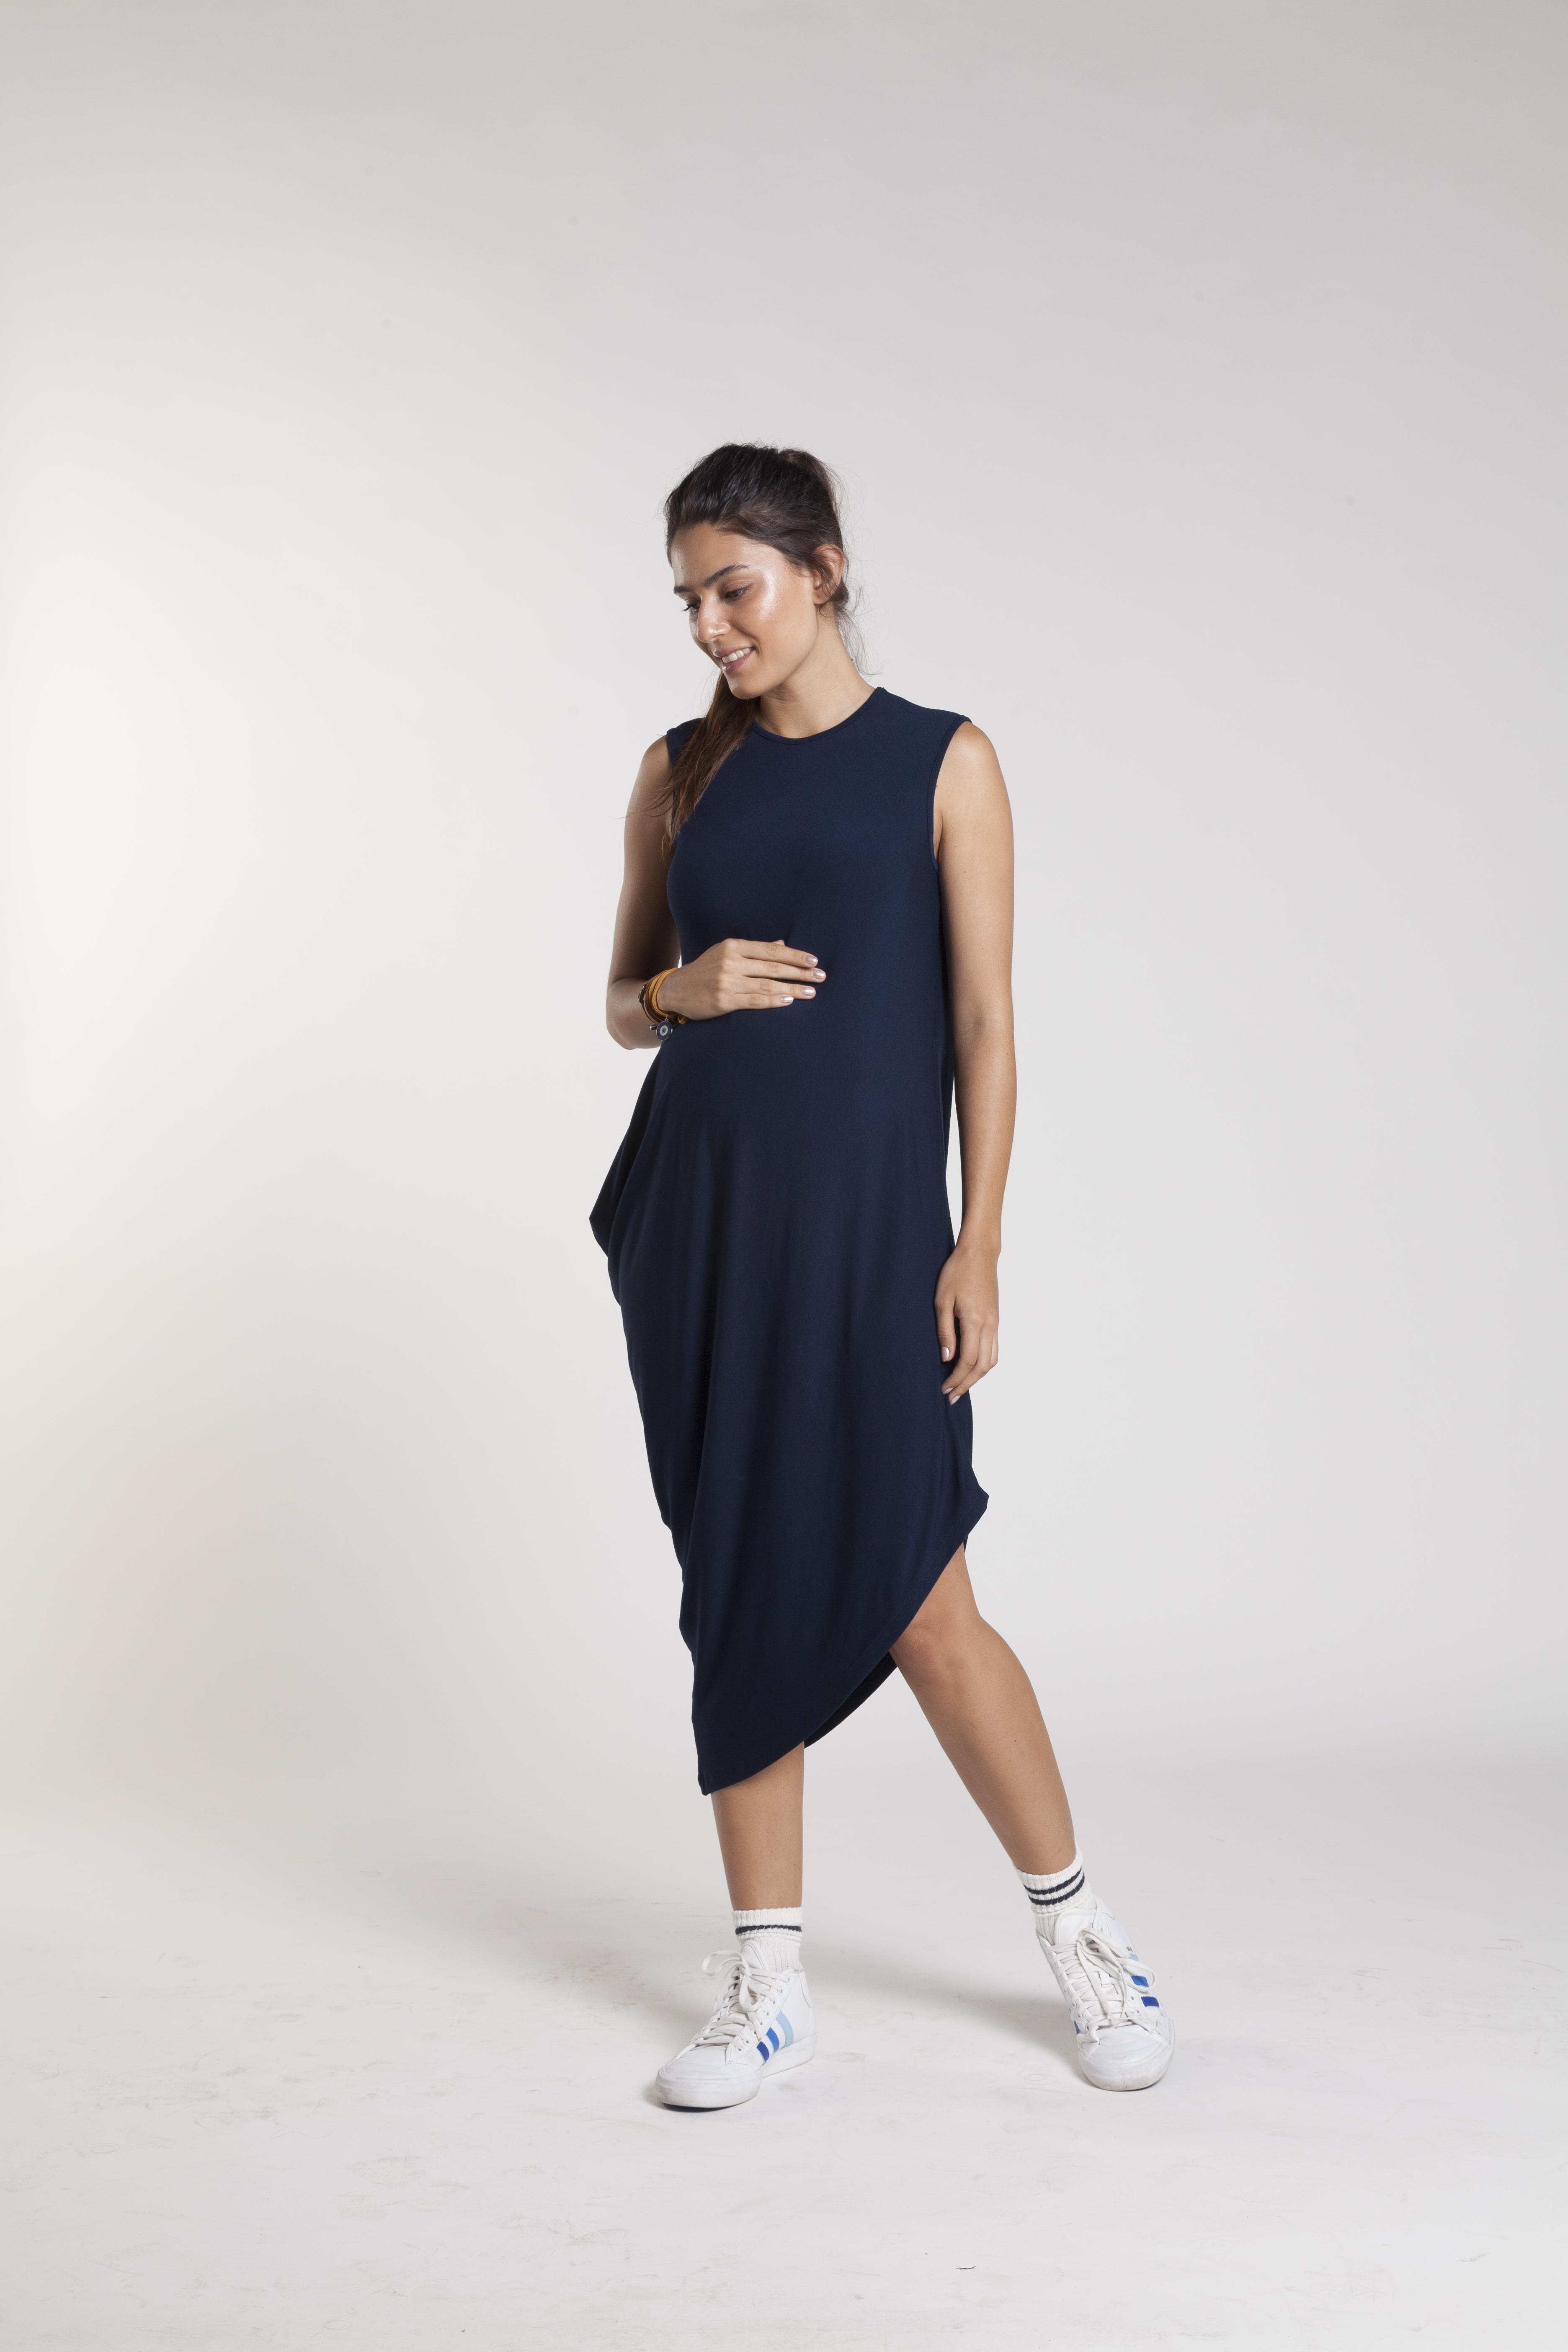 Vestido descolado para gravida